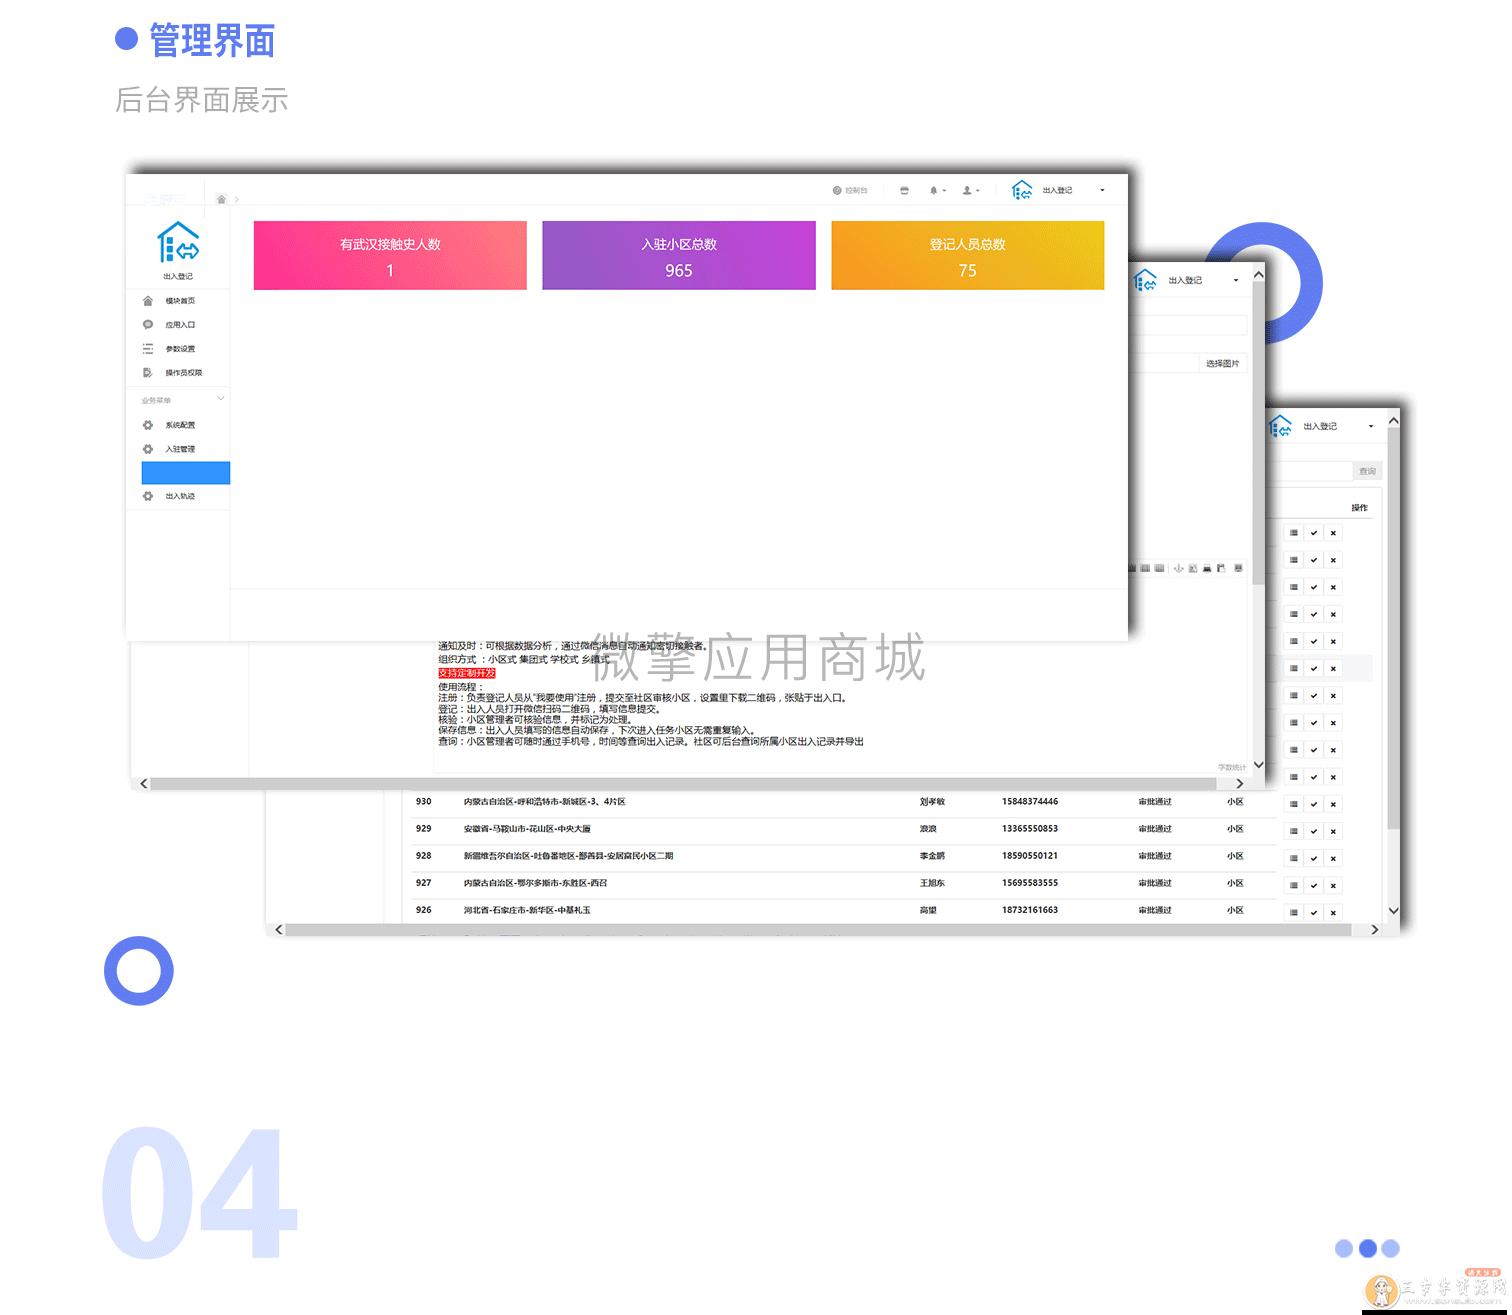 社区出入登记1.0.30完整安装包(含微擎微赞模块和小程序)